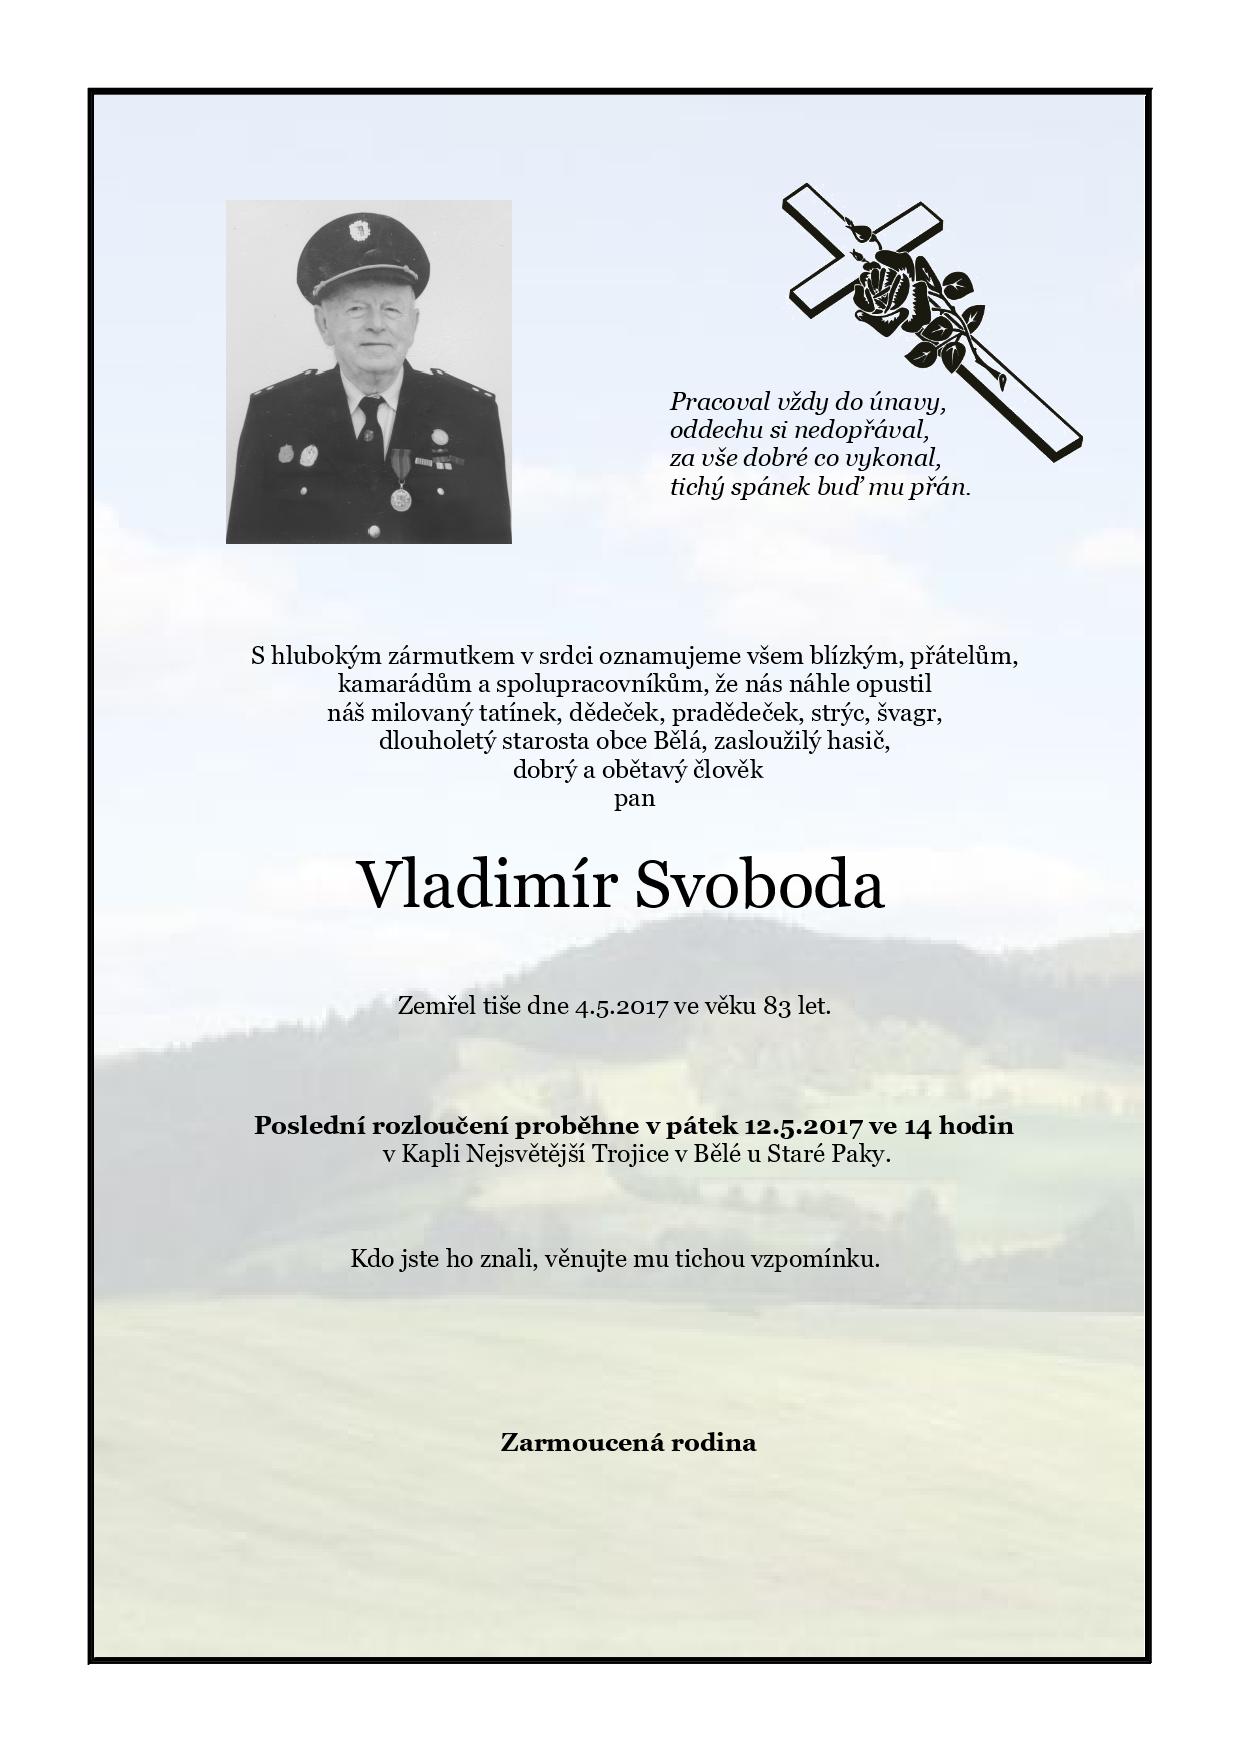 VladimirSvoboda parte